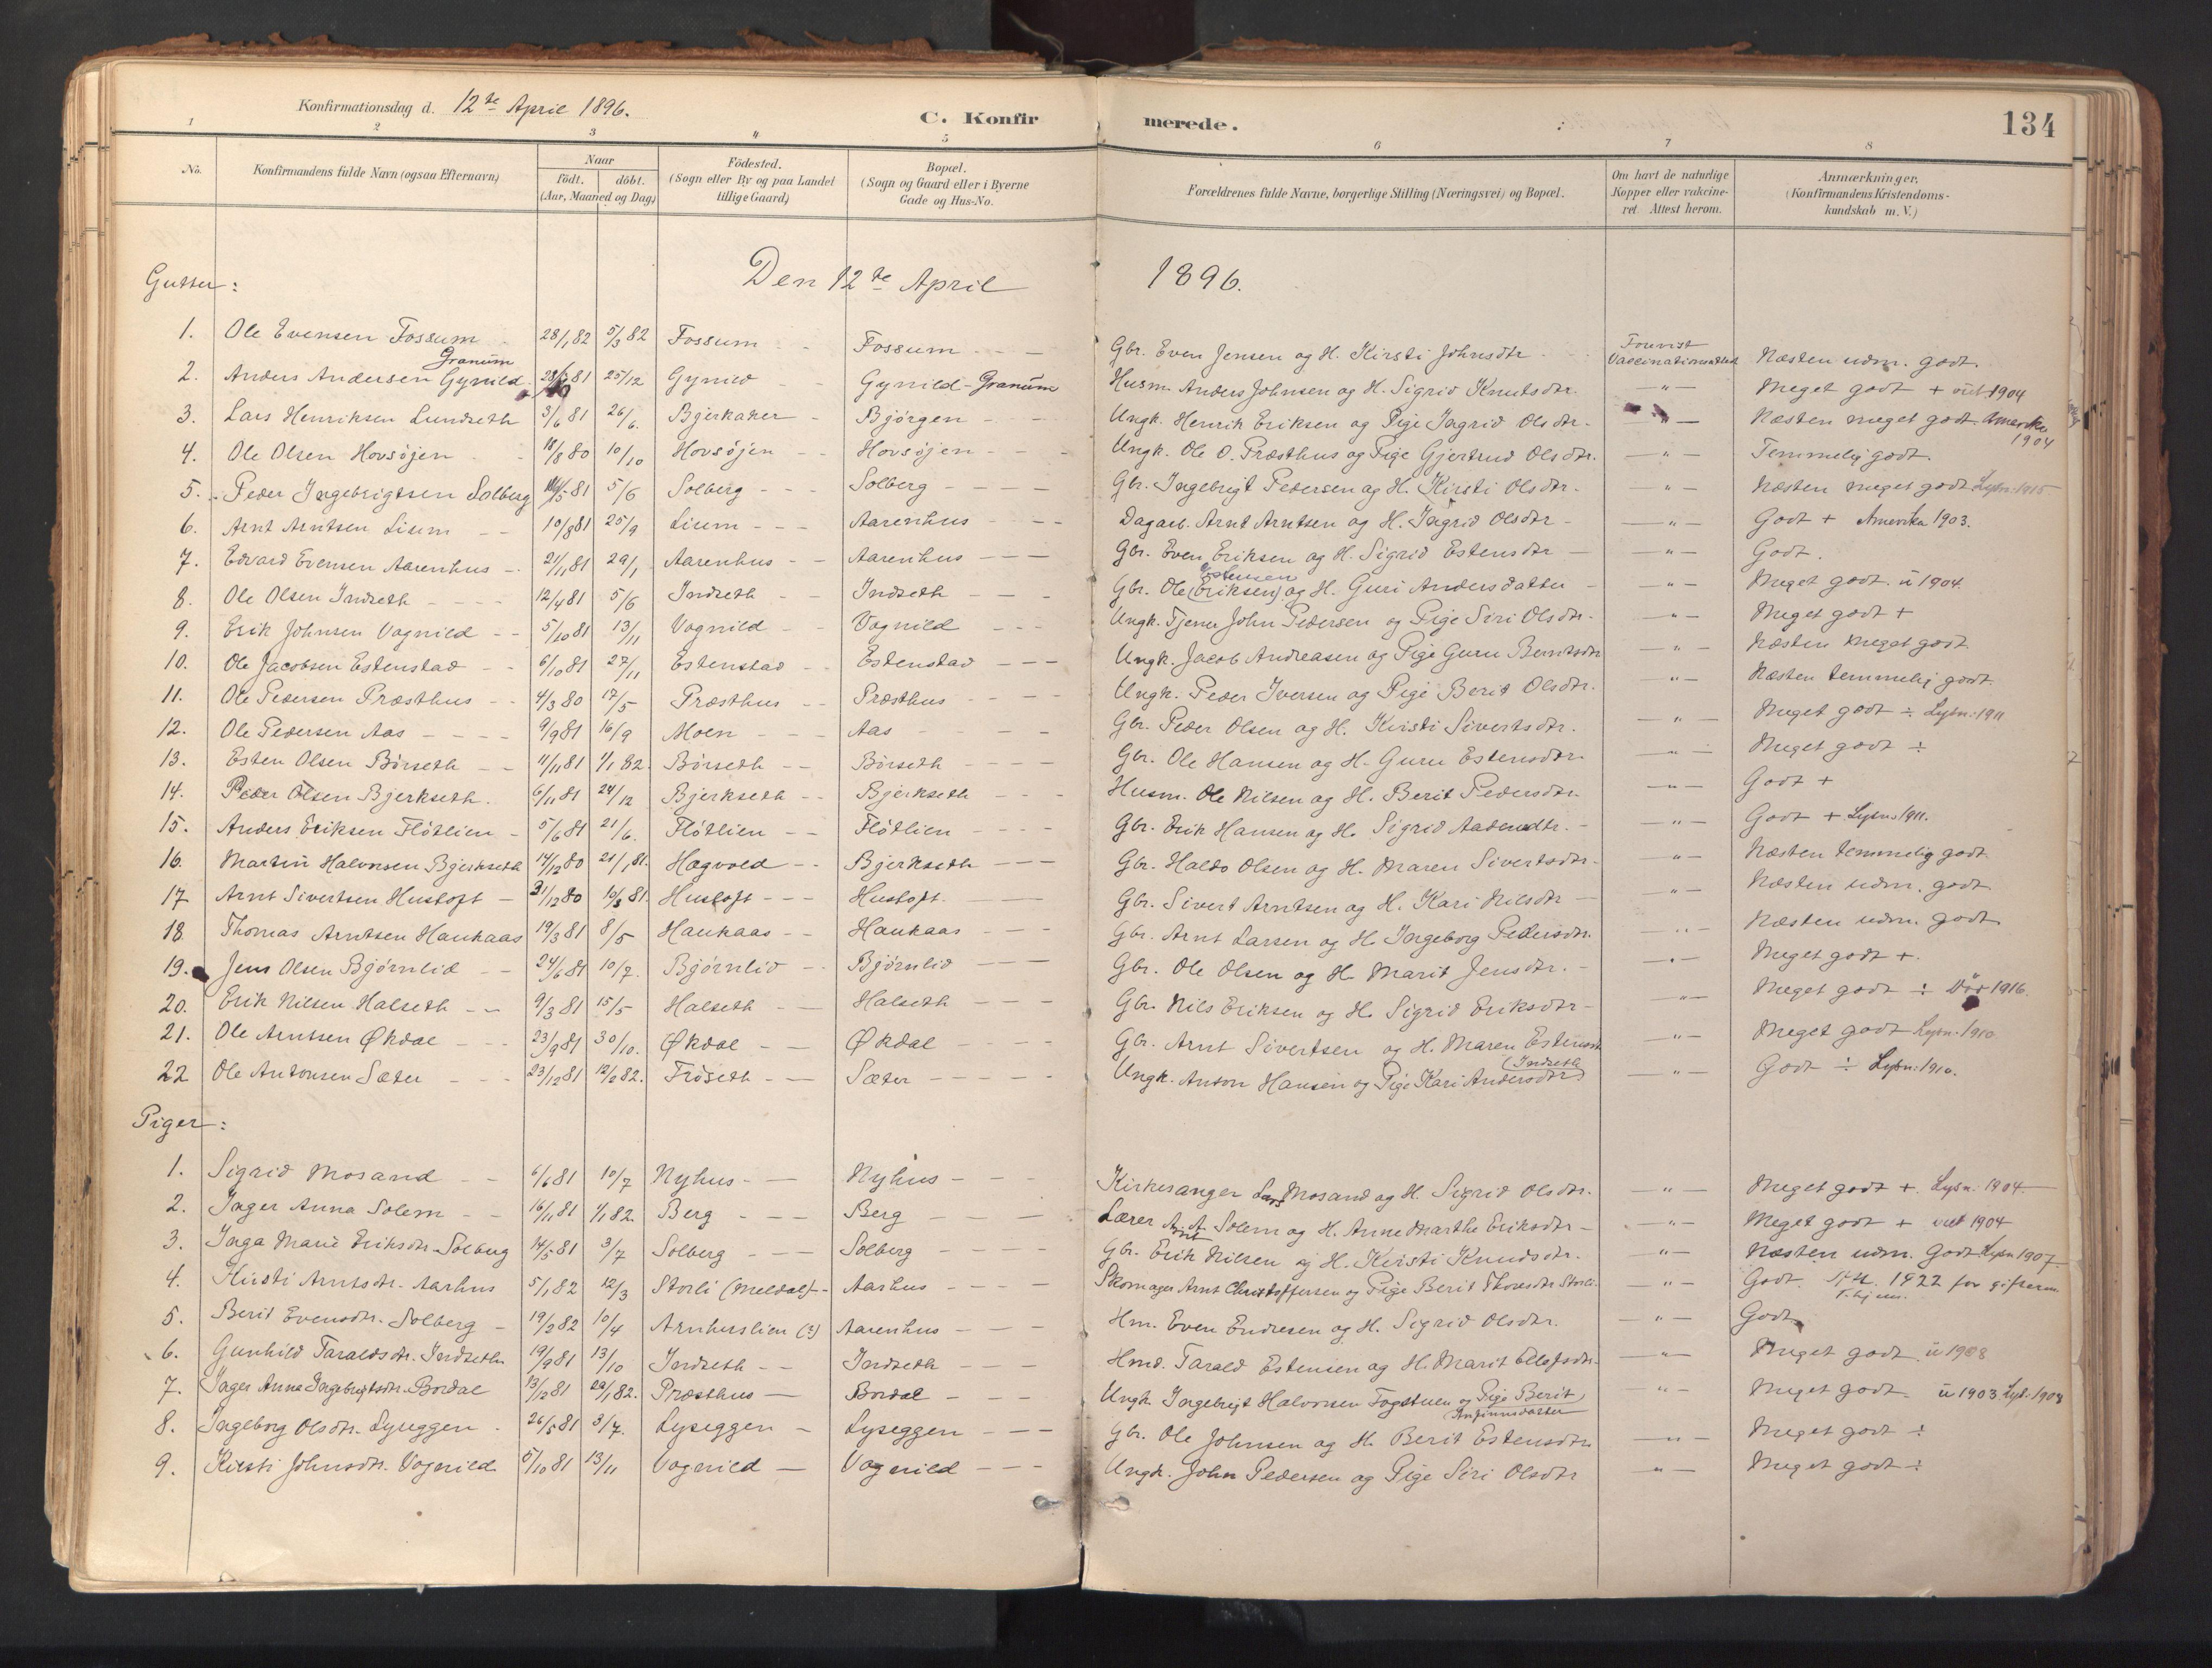 SAT, Ministerialprotokoller, klokkerbøker og fødselsregistre - Sør-Trøndelag, 689/L1041: Ministerialbok nr. 689A06, 1891-1923, s. 134